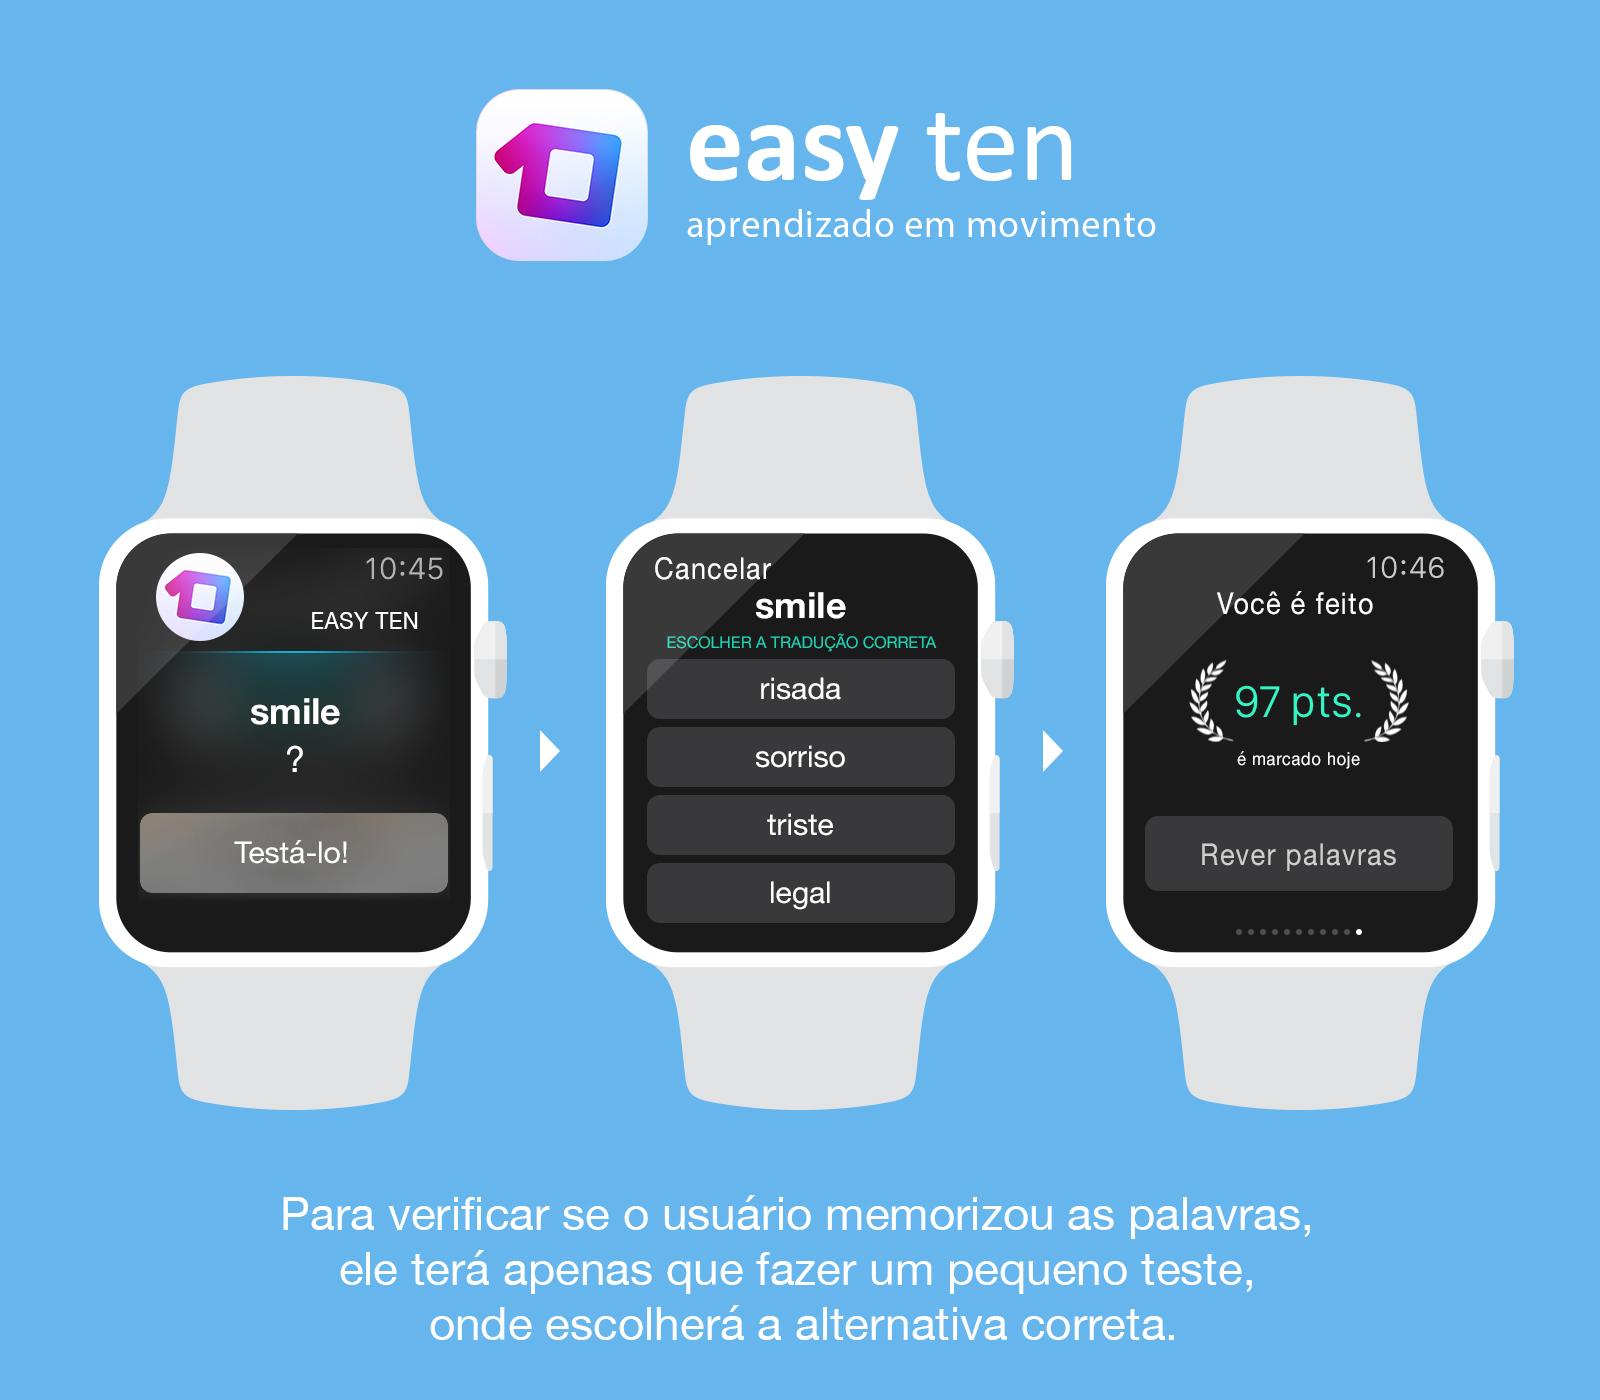 App easy ten